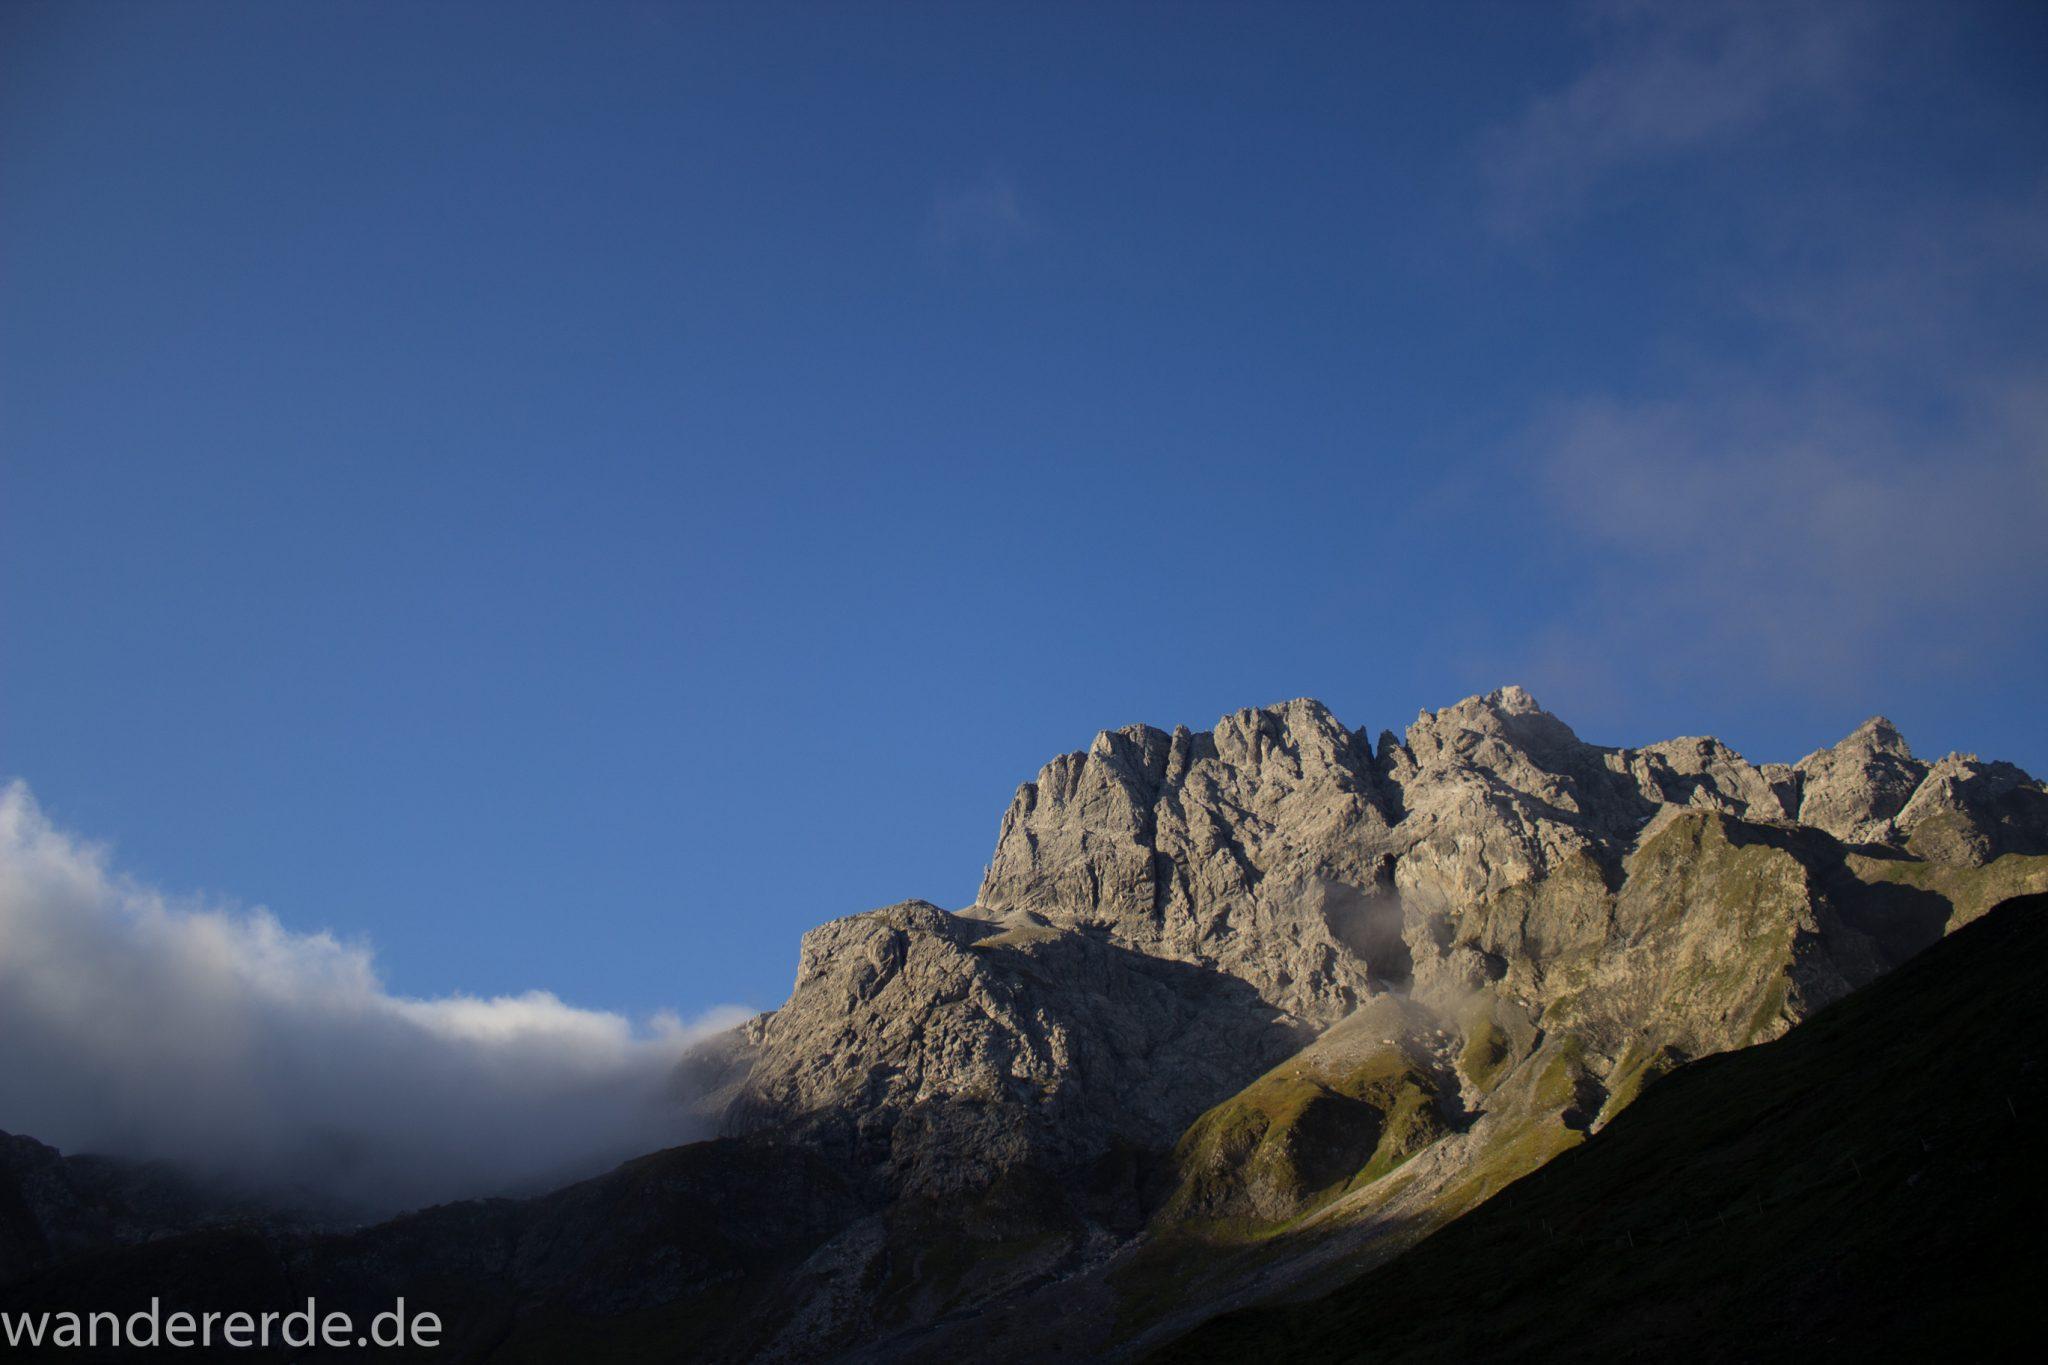 Alpenüberquerung Fernwanderweg E5 Oberstdorf Meran, 2. Etappe von Kemptner Hütte zur Memminger Hütte, kurz nach Sonnenaufgang in den Alpen bei der Kemptner Hütte, beeindruckende Berglandschaft wird in Sonnenlicht getaucht, Aussicht auf schöne Bergkette, Nebelfelder ziehen ab